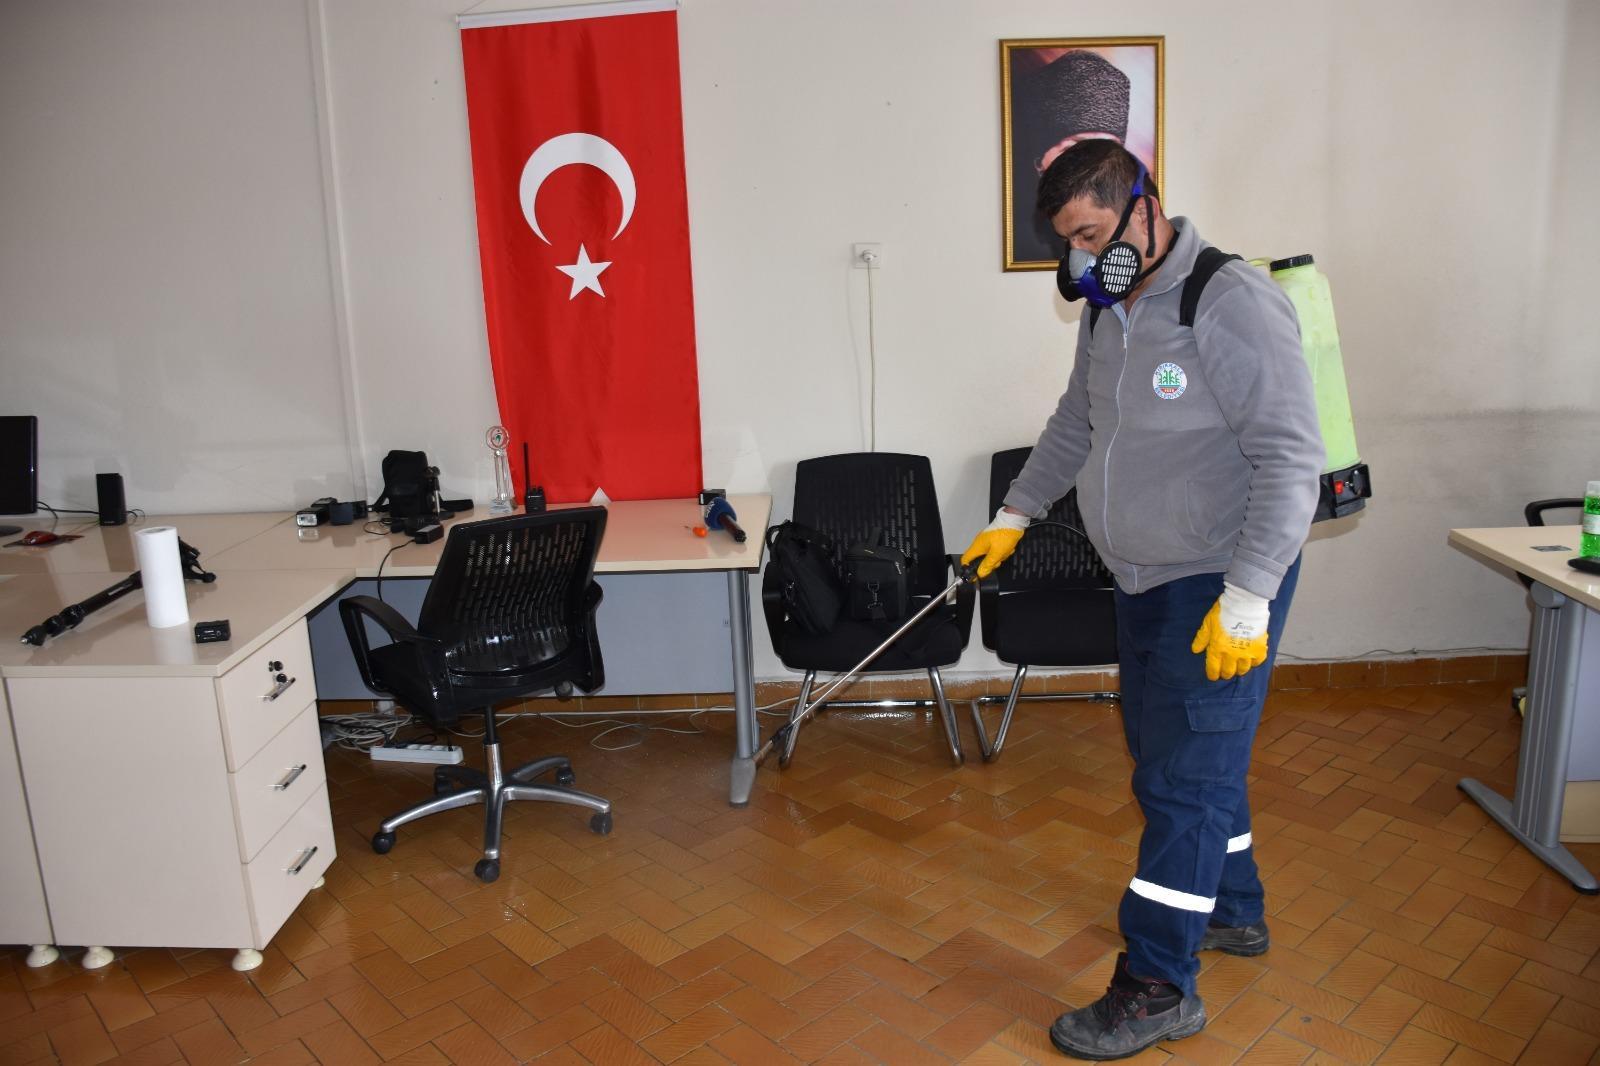 Kırıkkale belediyenin koruması altında 11 - Kırıkkale belediyenin koruması altında